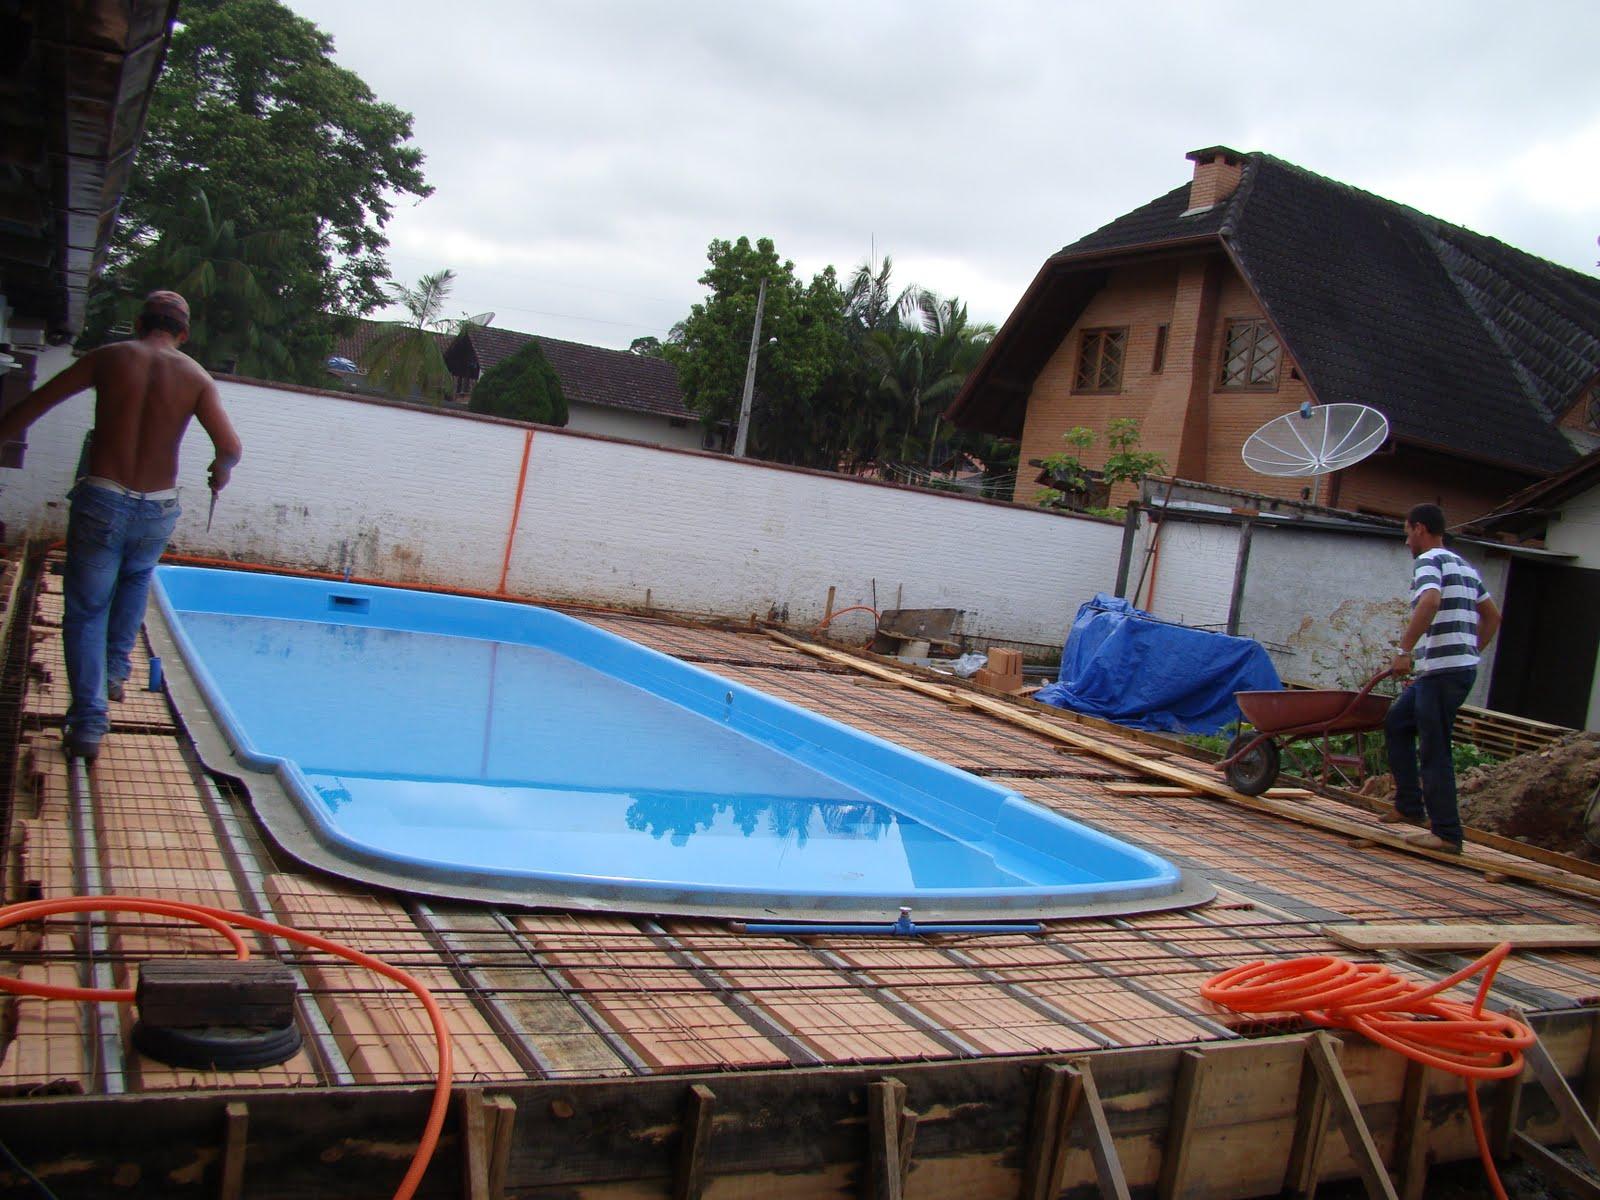 Pin piscinas fibra pre genuardis portal on pinterest - Piscinas de fibra ...